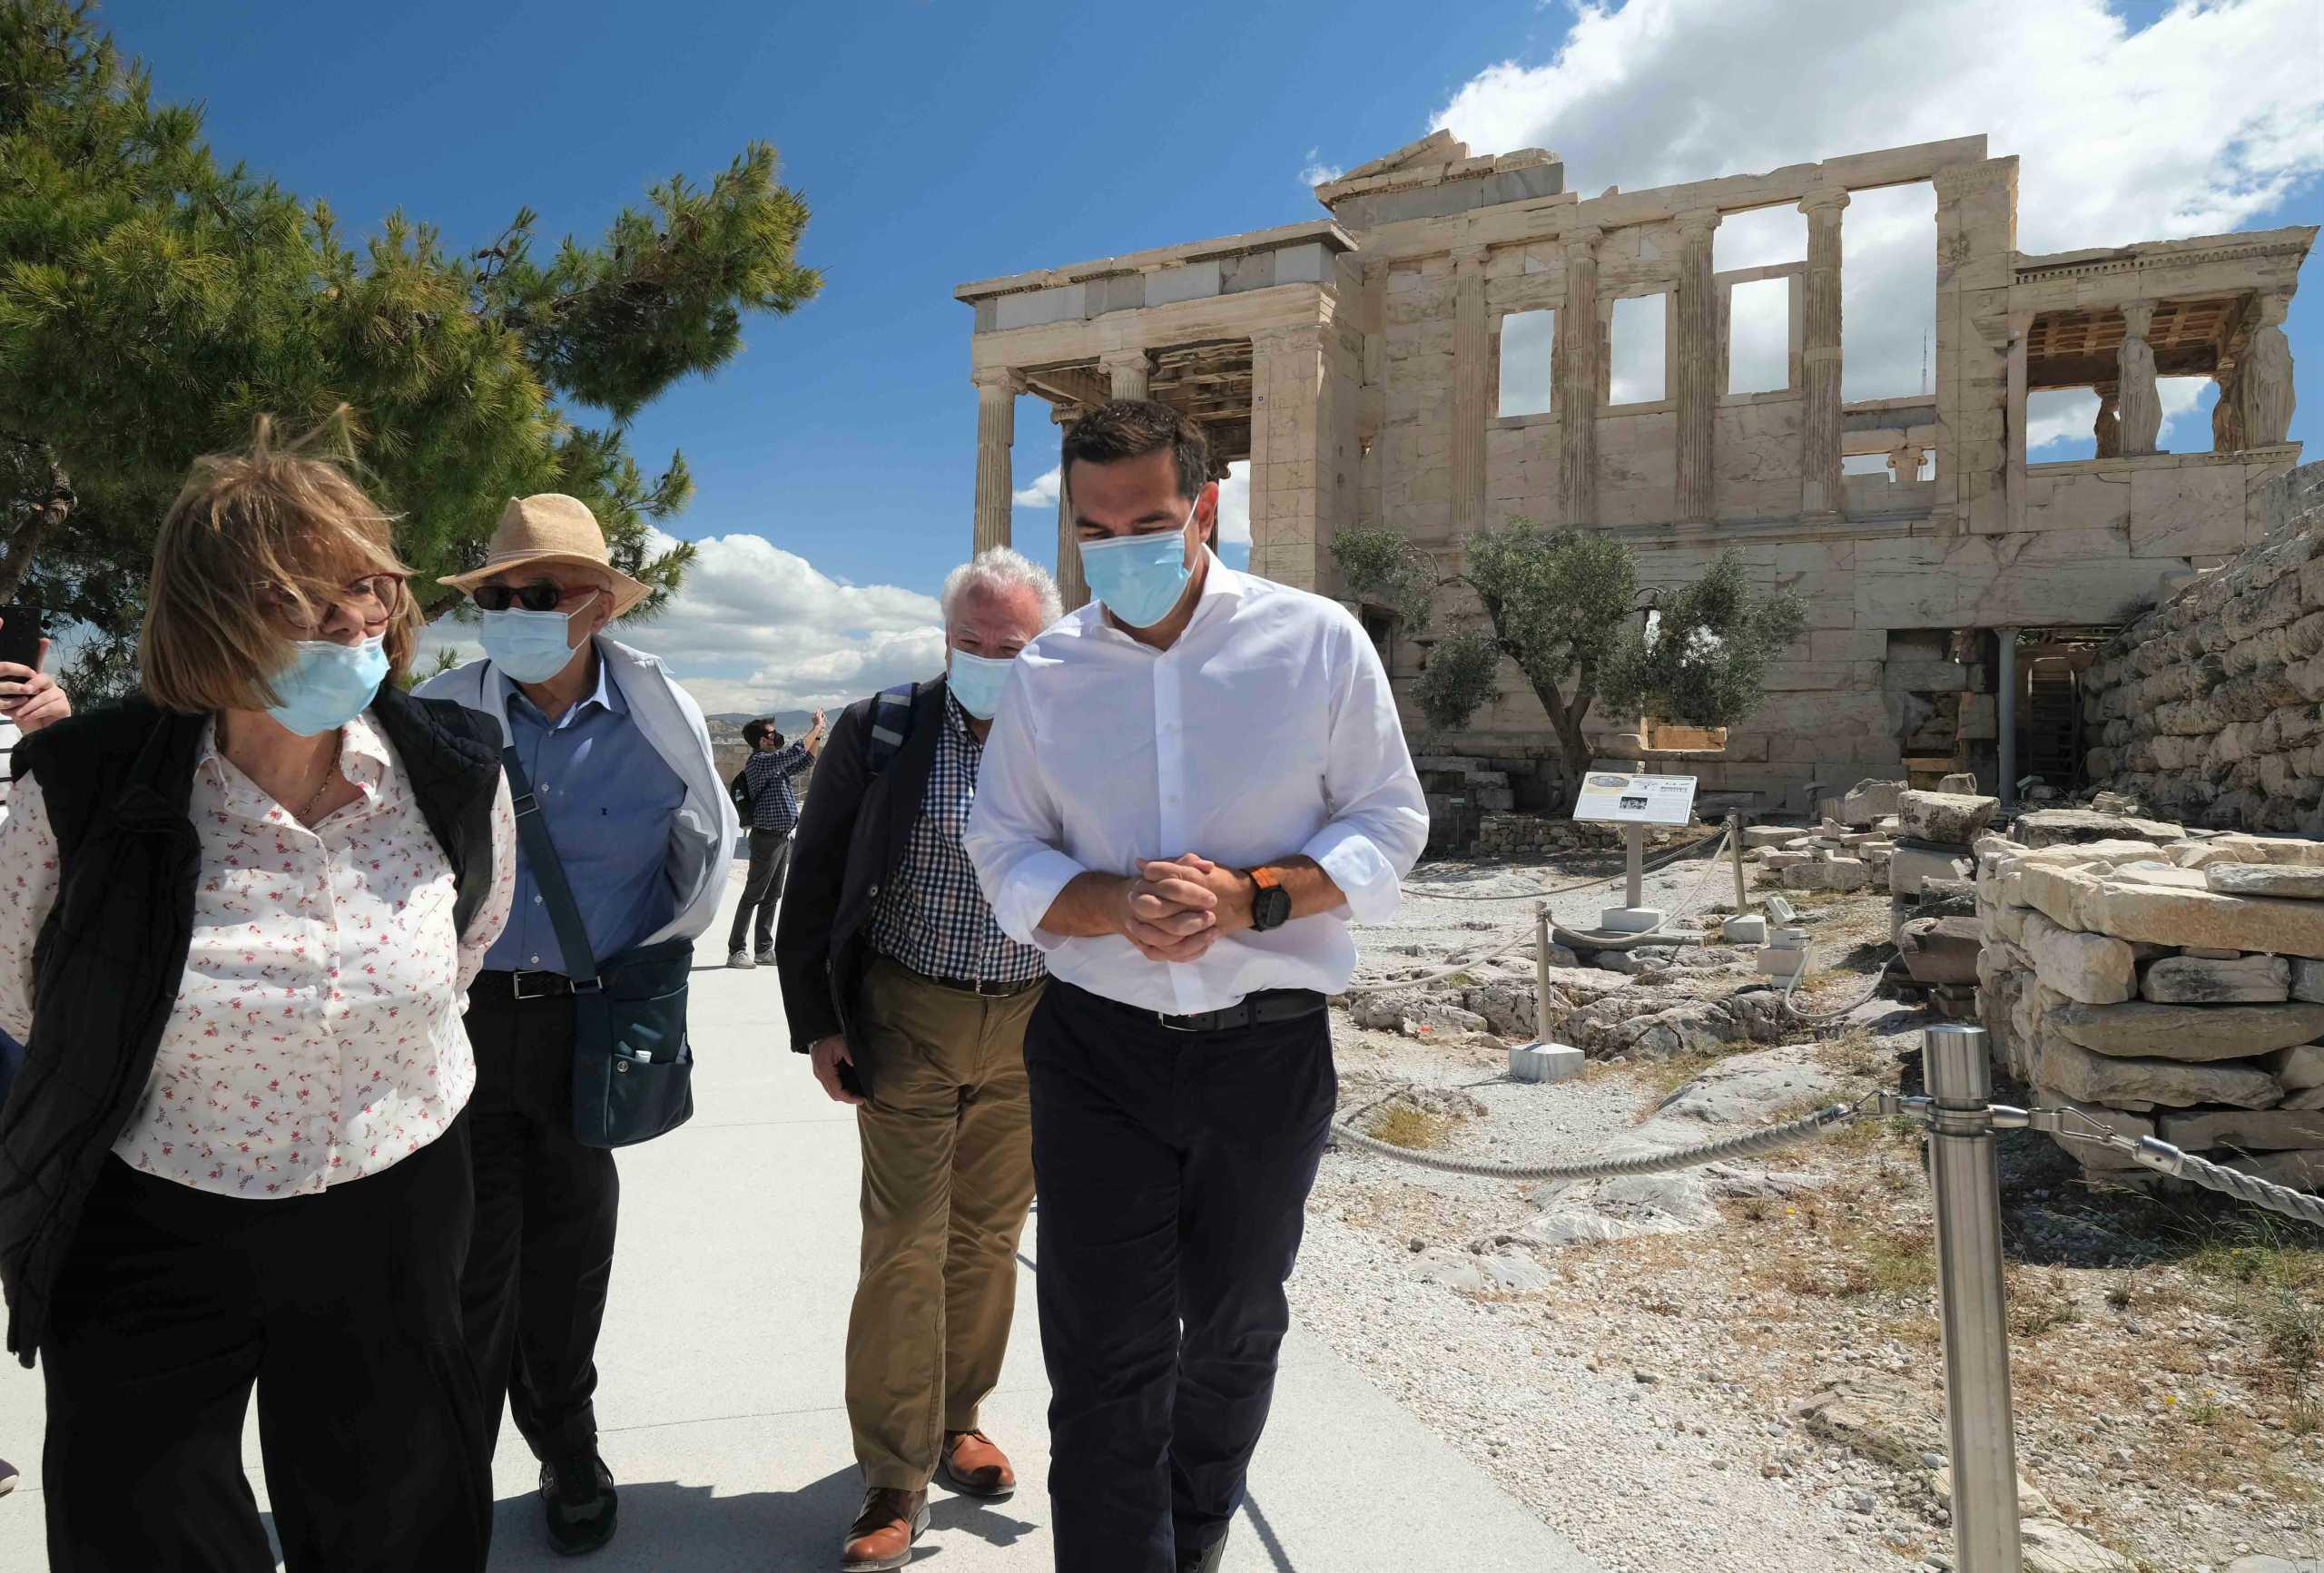 «Βροχή» δηλώσεων για την επίσκεψη Τσίπρα στην Ακρόπολη – Η απάντηση Ηλιόπουλου στην Πελώνη